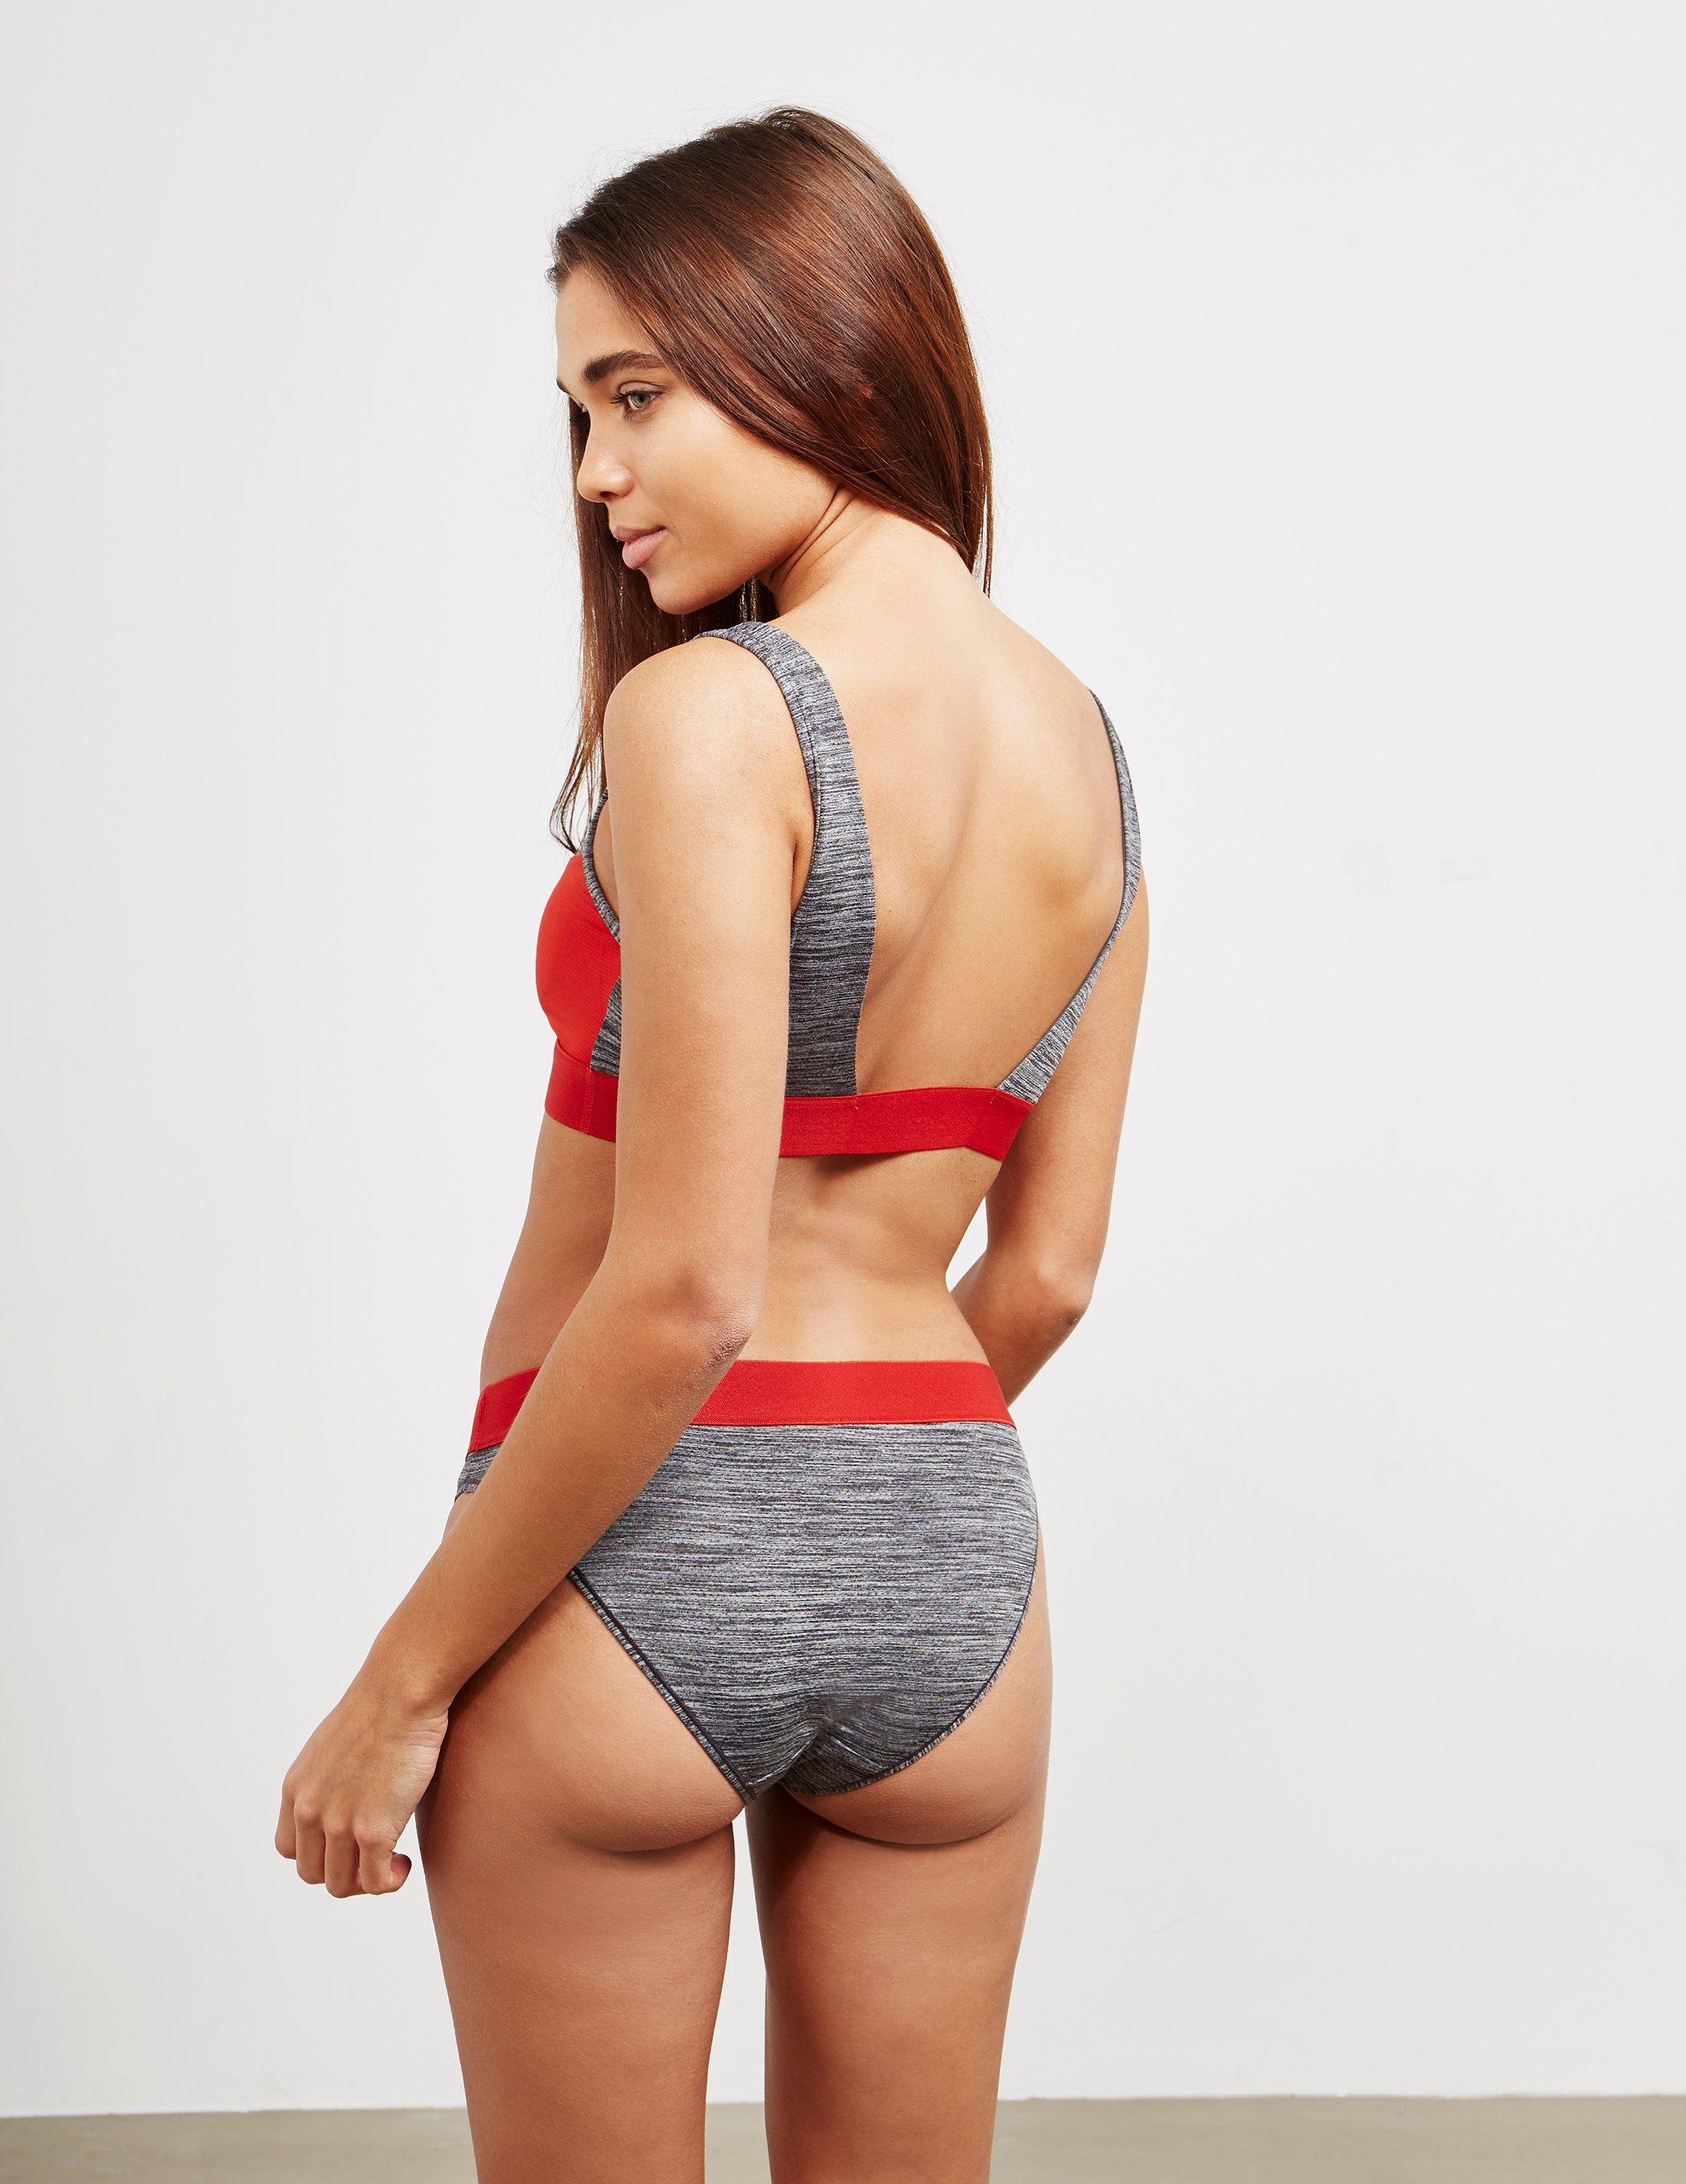 Tommy Hilfiger Underwear Contrast Bralette - Online Exclusive